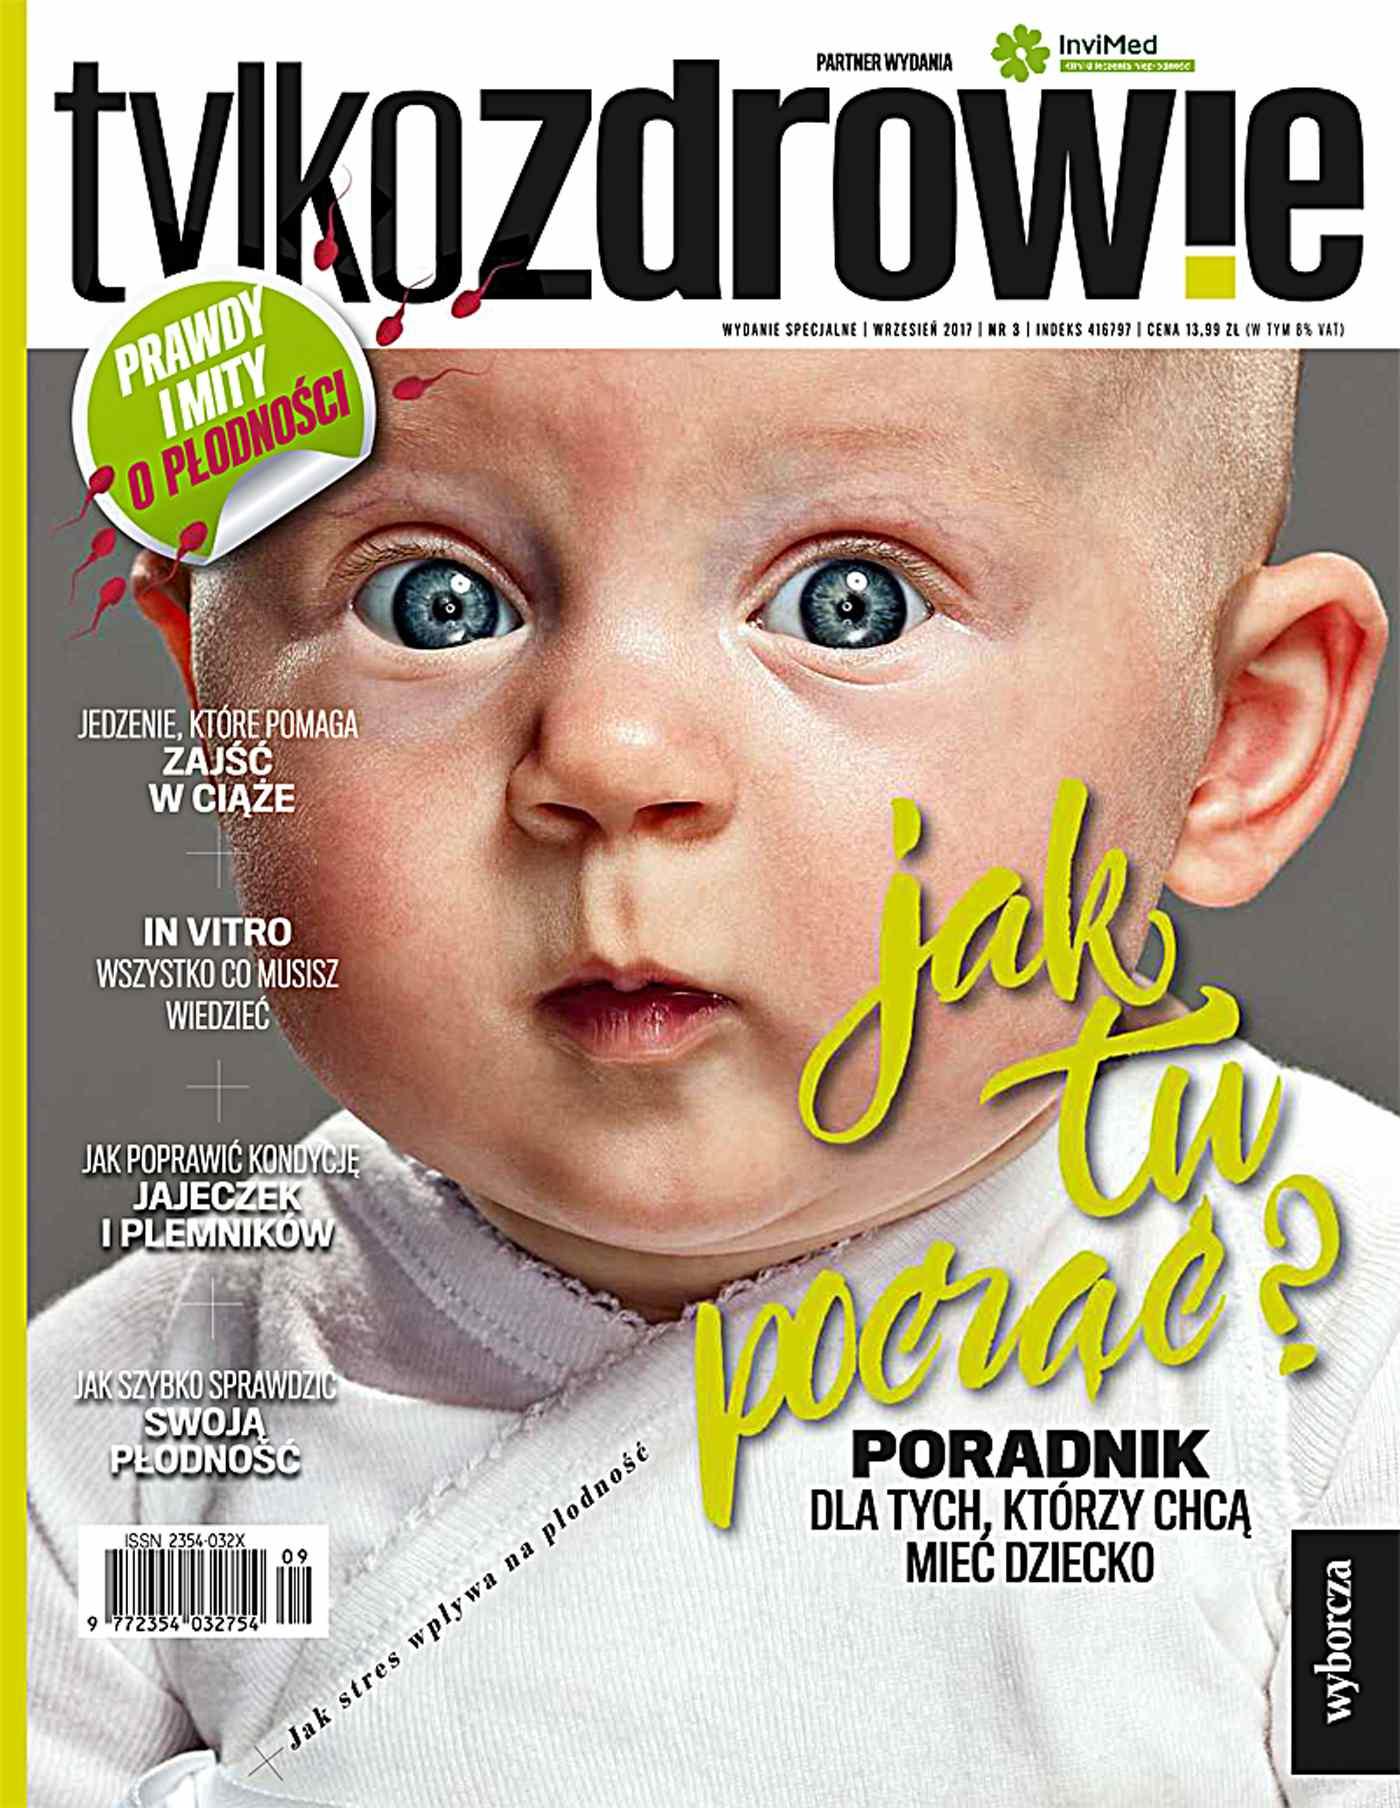 Tylko Zdrowie. Wydanie Specjalne 3/2017 Poradnik dla tych którzy chcą mieć dziecko - Ebook (Książka na Kindle) do pobrania w formacie MOBI